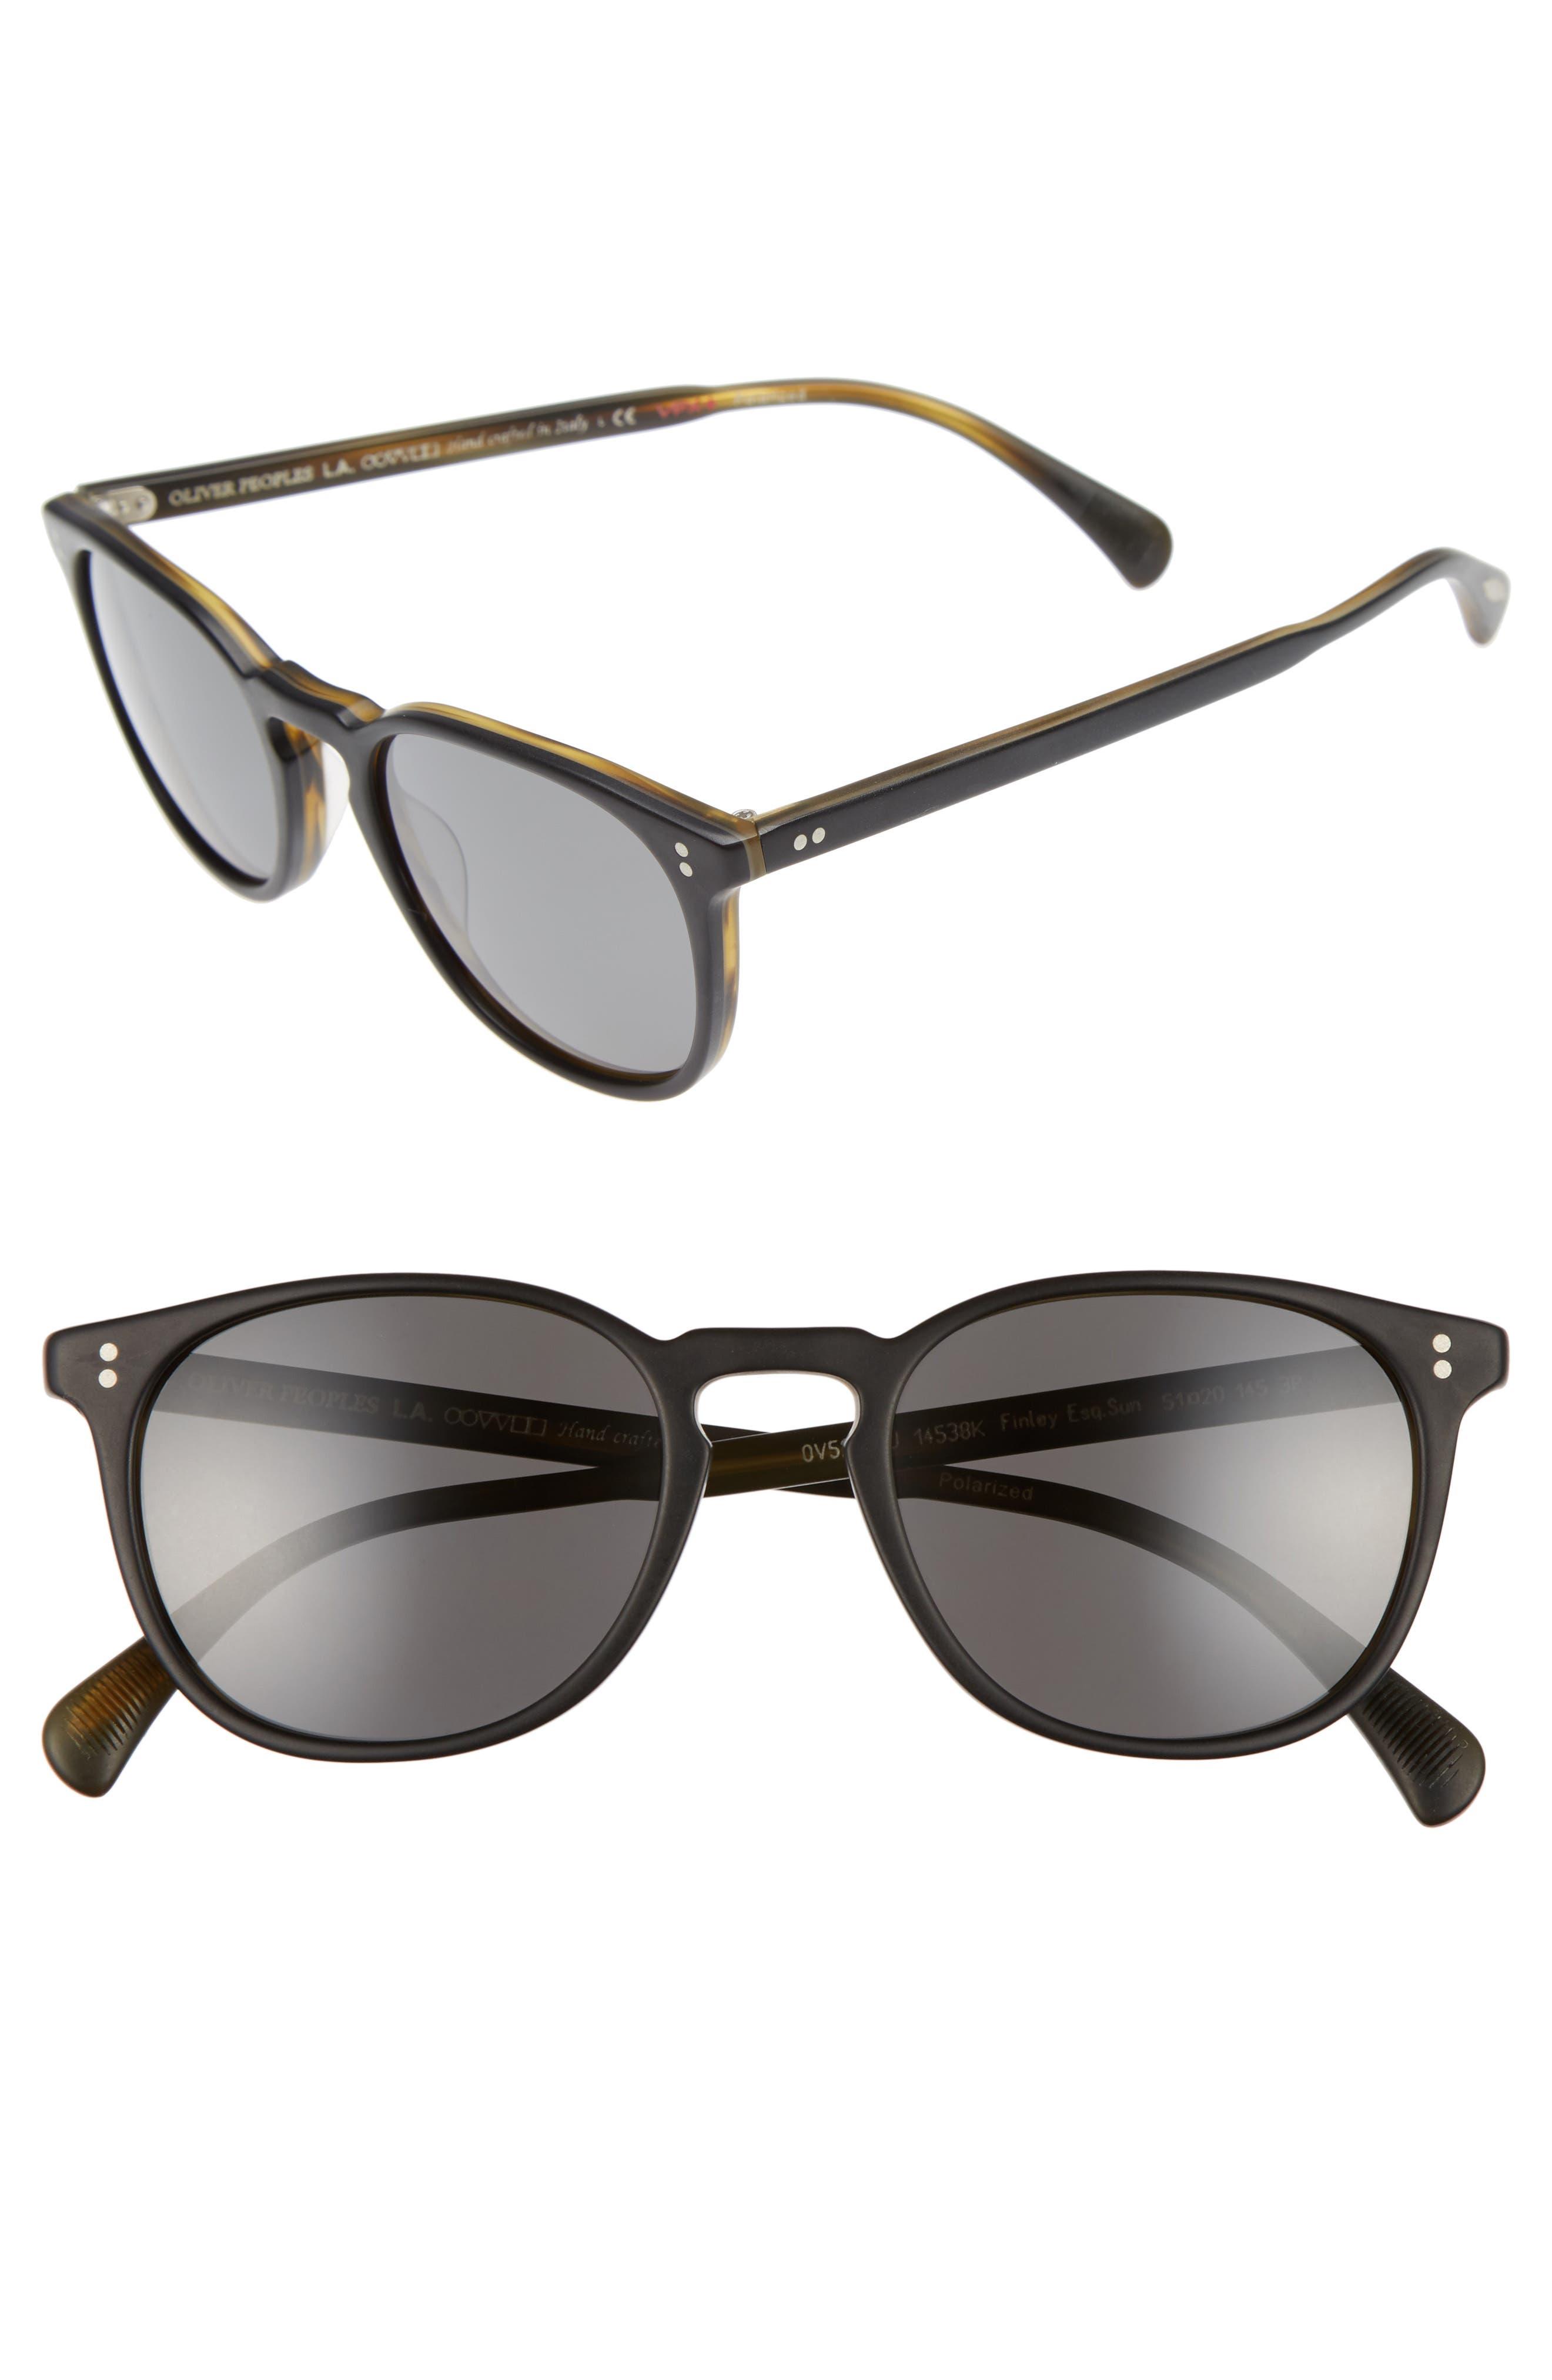 Finley 51mm Retro Polarized Sunglasses,                         Main,                         color, Black